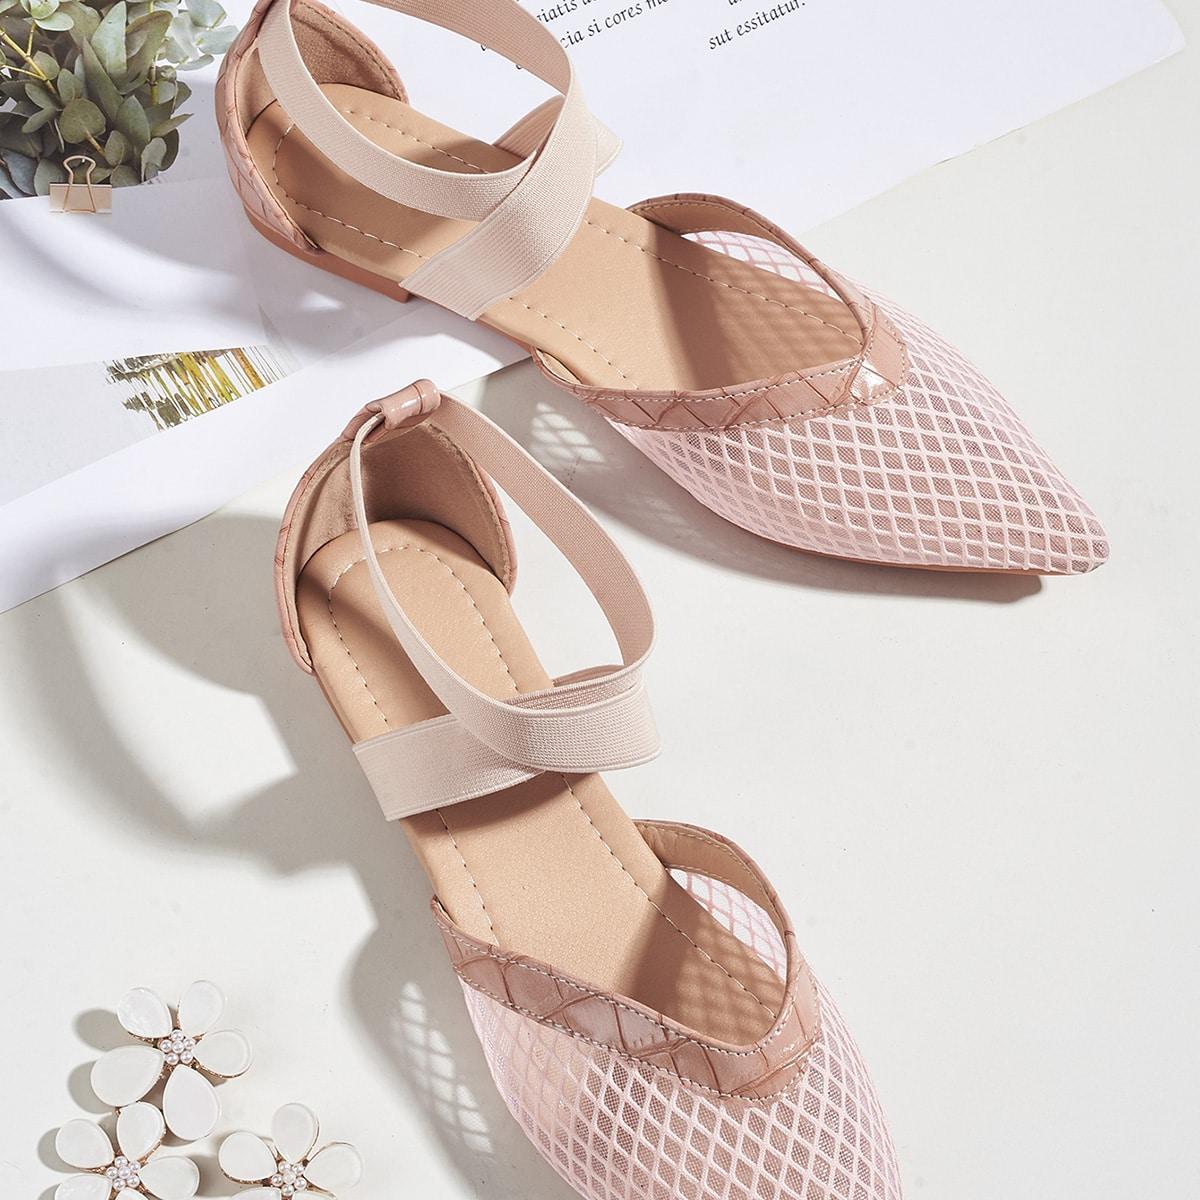 Zapatillas de ballet con malla con diseño de cocodrilo